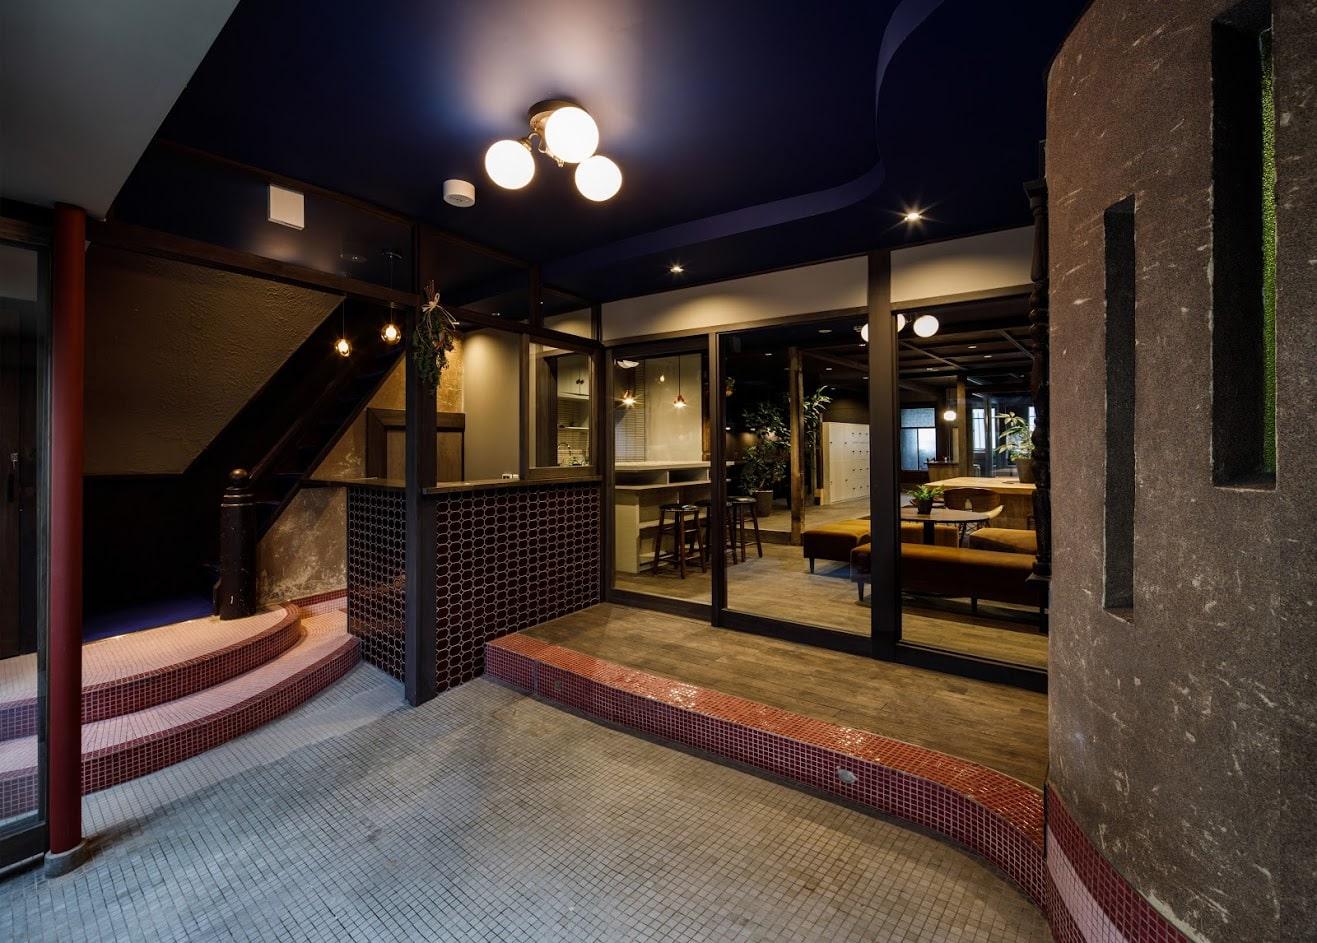 |京都|ゲストハウス|京都に興味がある方!五條楽園の宿を一緒に盛り上げてくれる方を募集します。